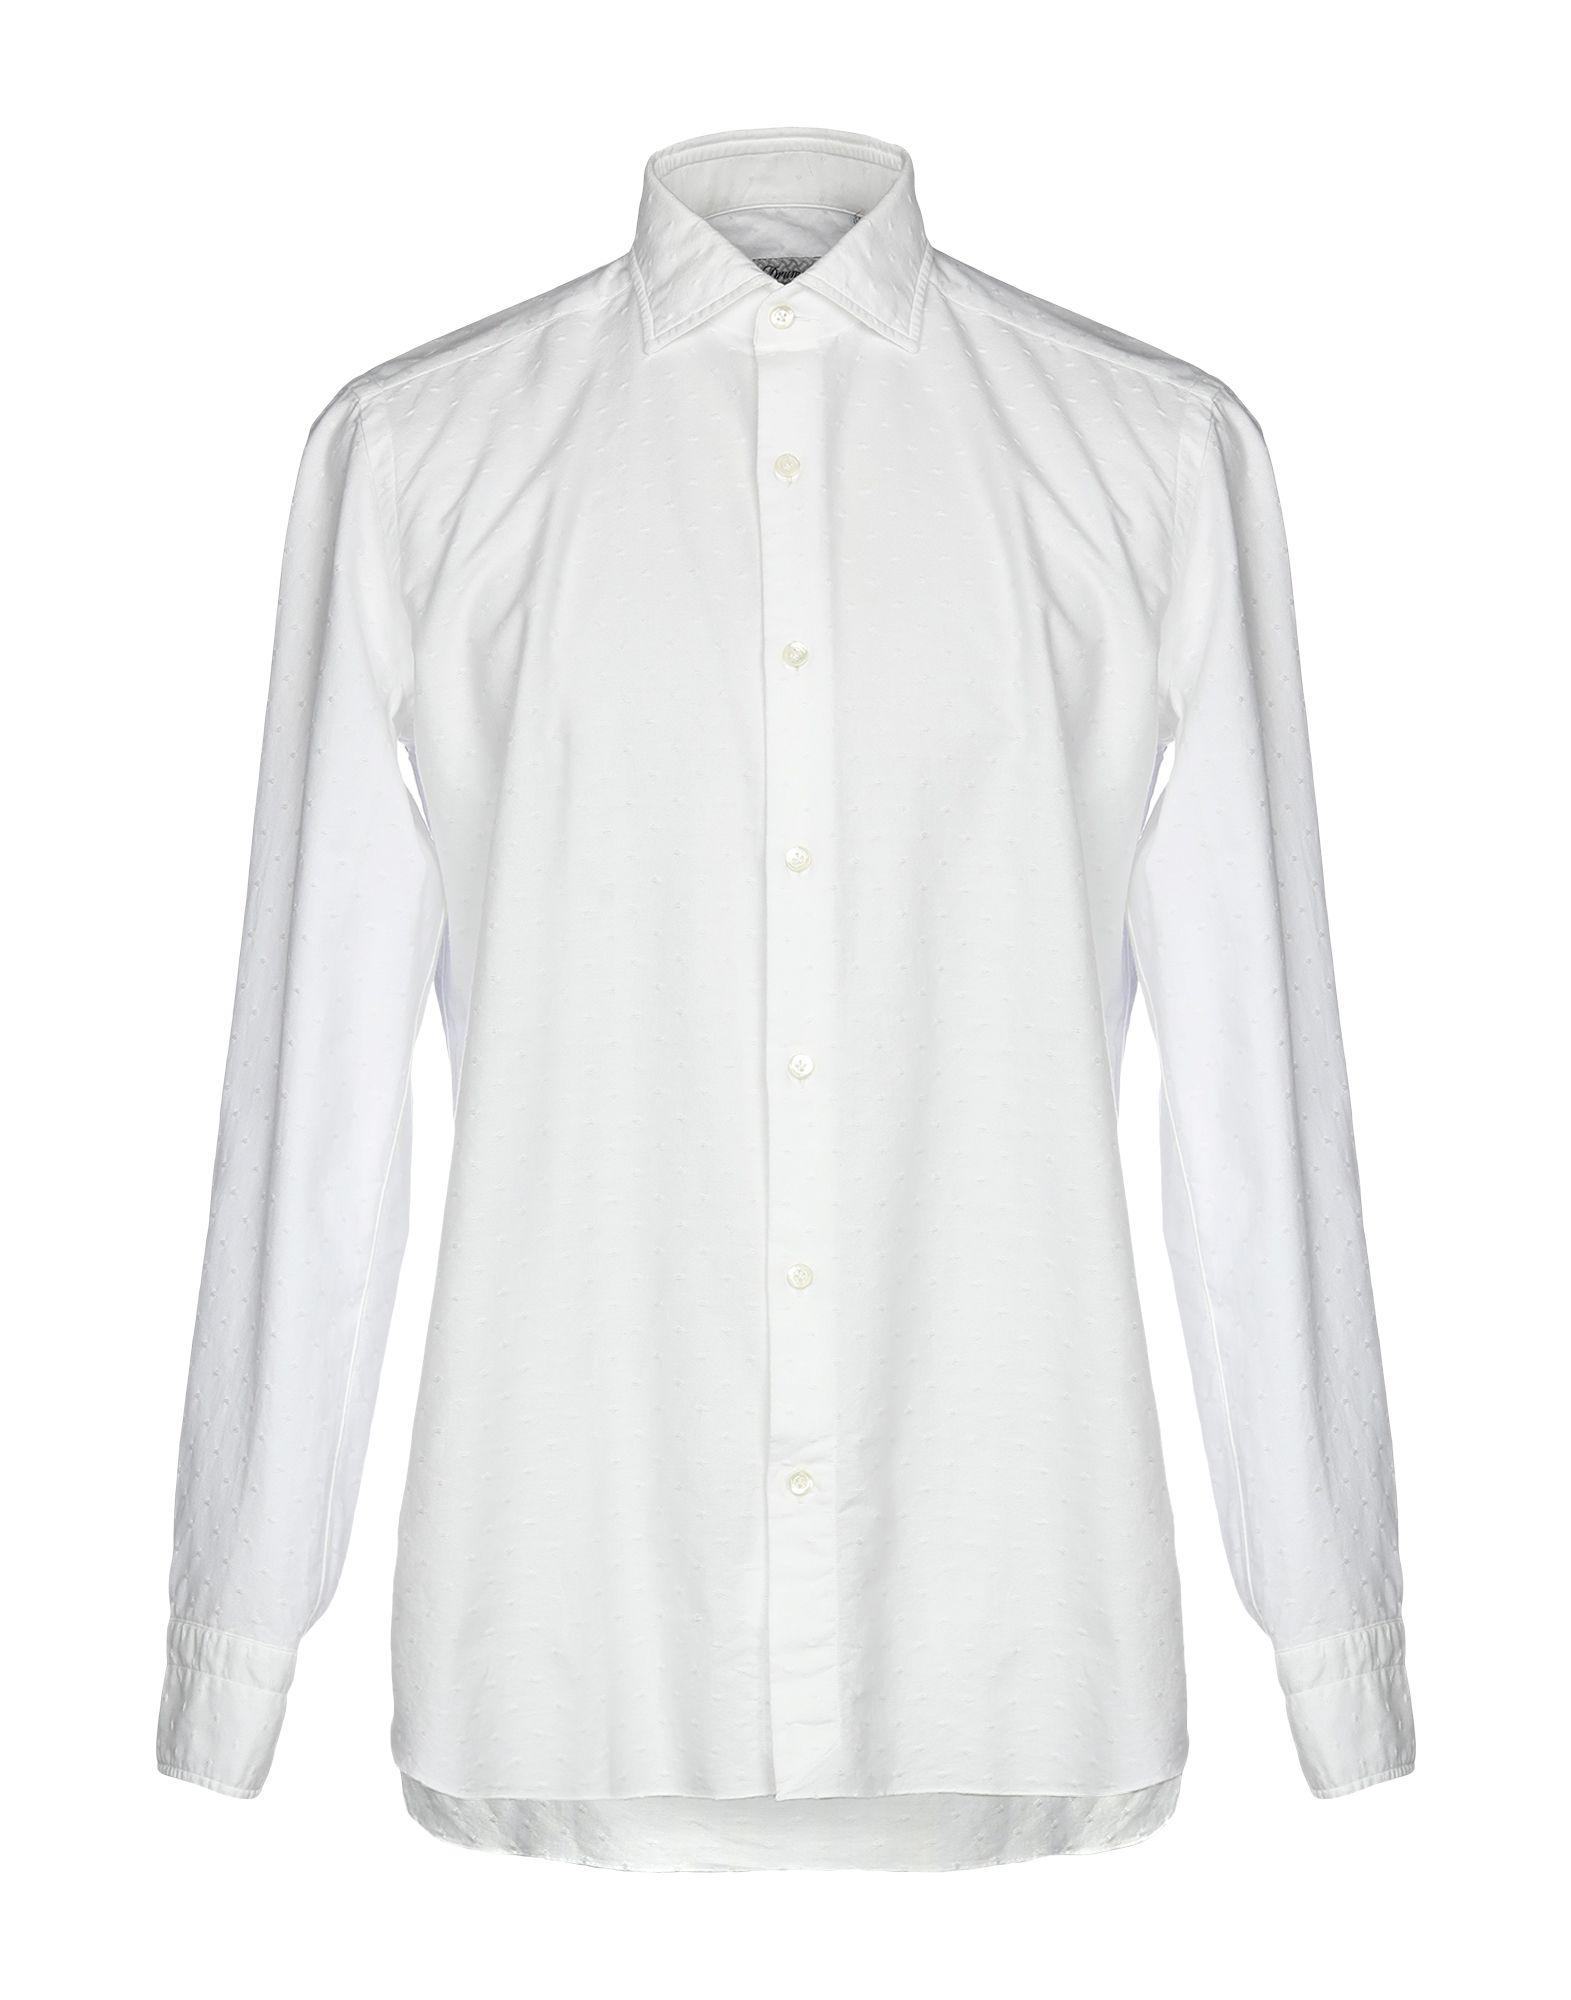 《送料無料》DRUMOHR メンズ シャツ アイボリー 38 100% コットン